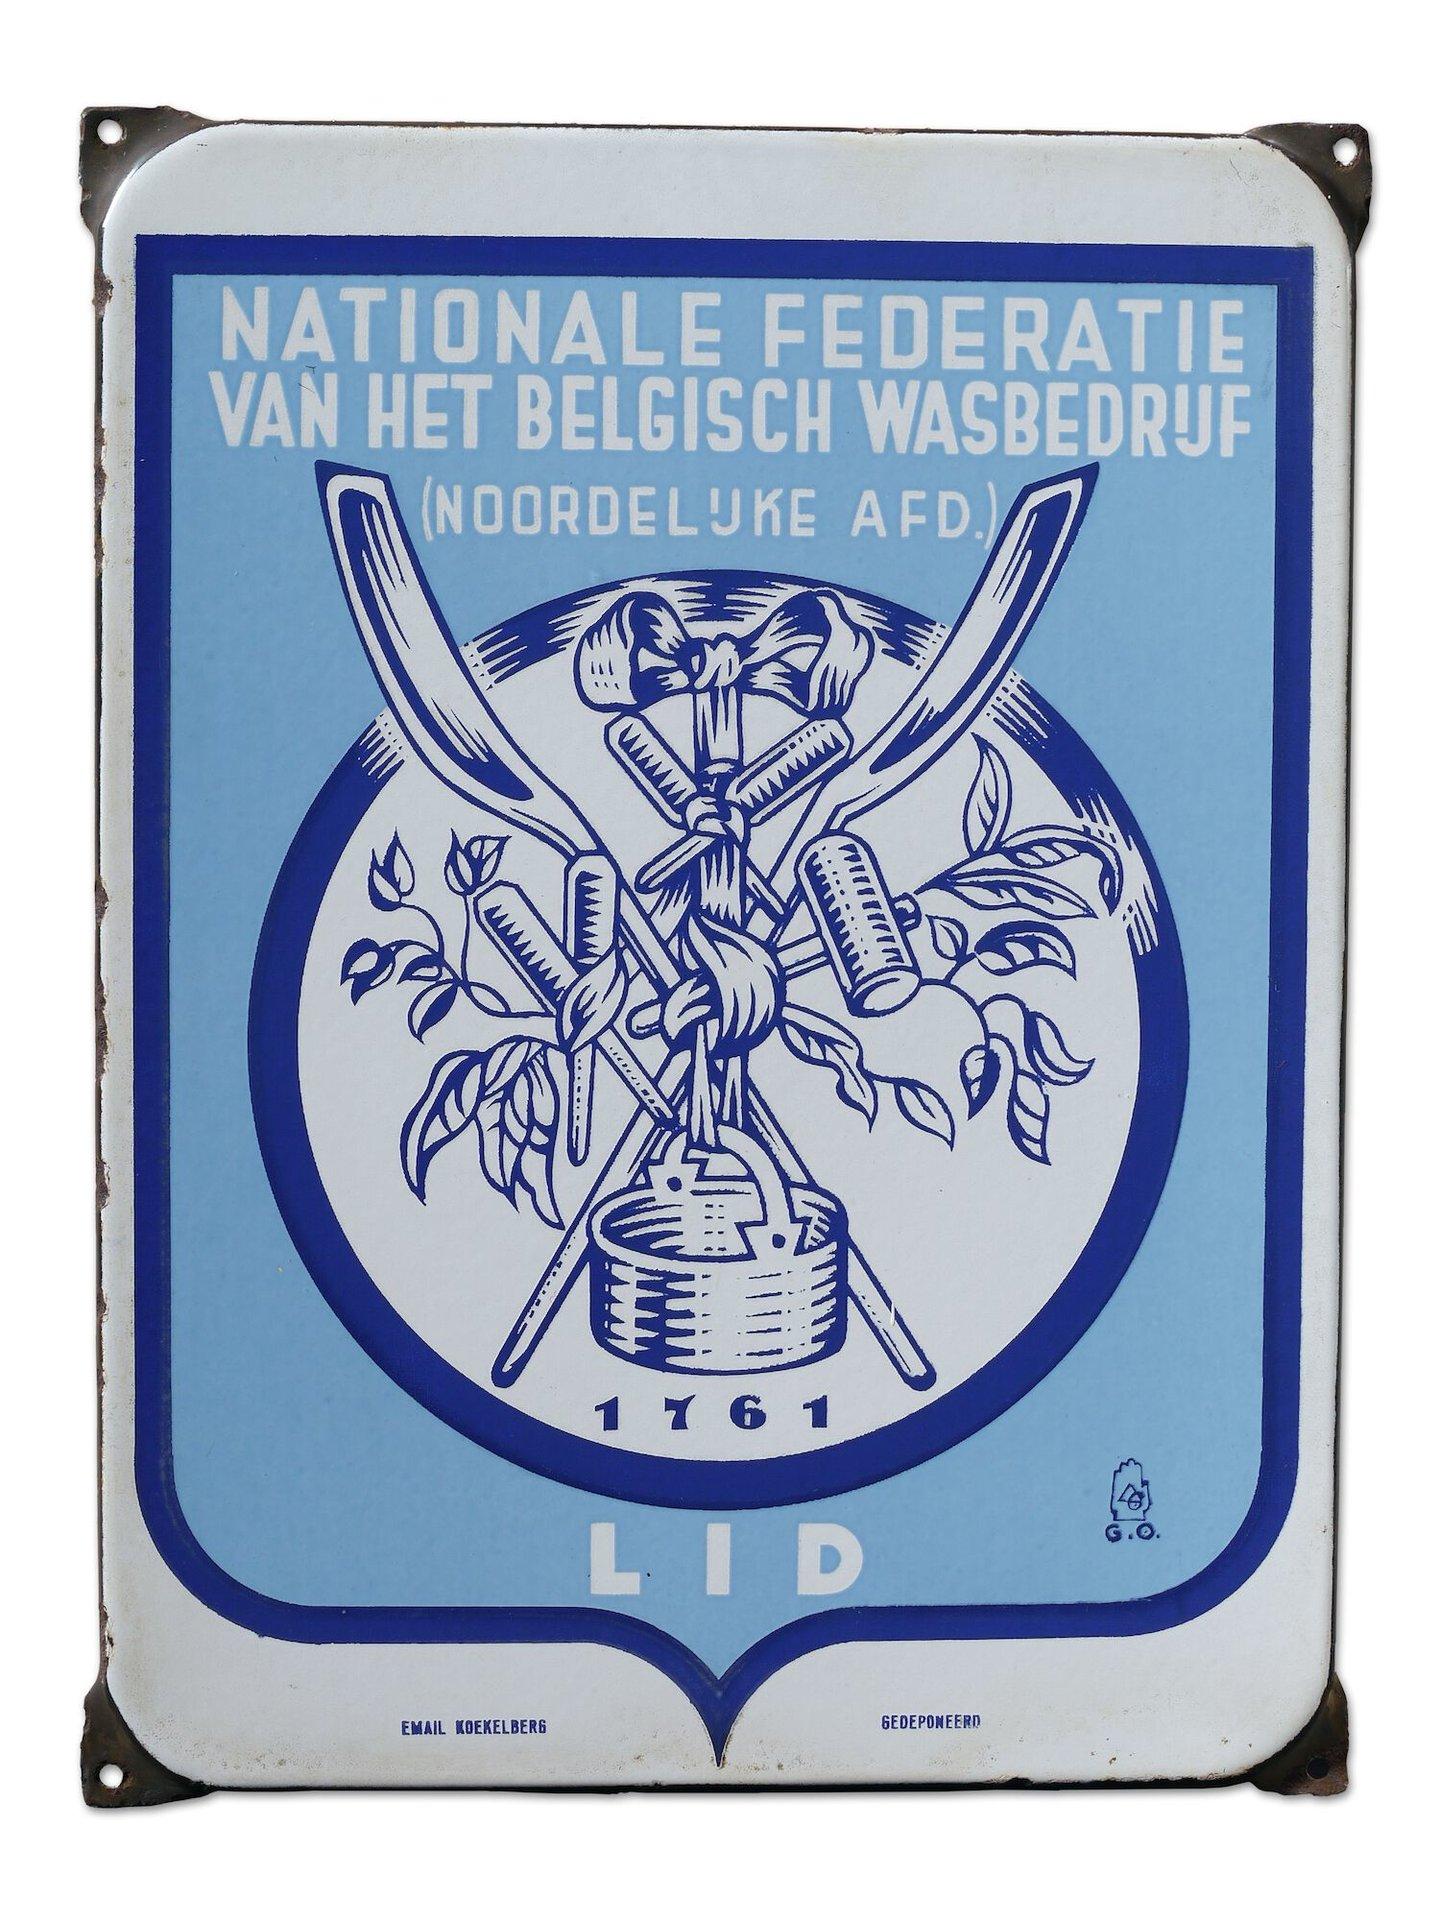 Geëmailleerd informatiebord van de Nationale Federatie van het Belgisch Wasbedrijf